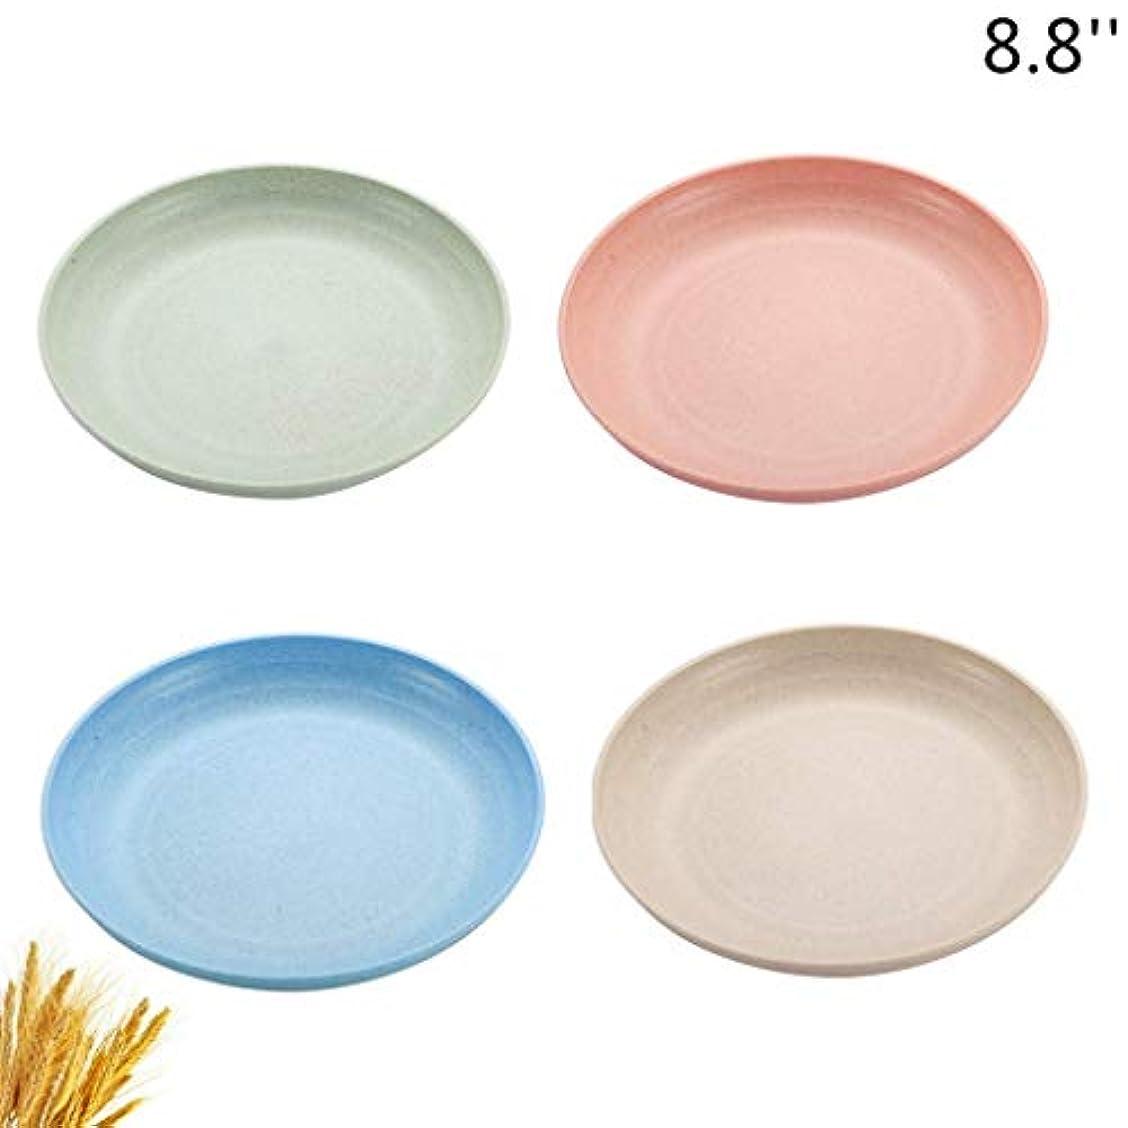 マカダム恐怖見物人NNBB 軽量&壊れない麦わら皿 8.8インチ 電子レンジ 非毒性 健康 環境に優しい 分解性皿 健康的 BPA安全 食事 フルーツスナックコンテナ用 (4個パック)。